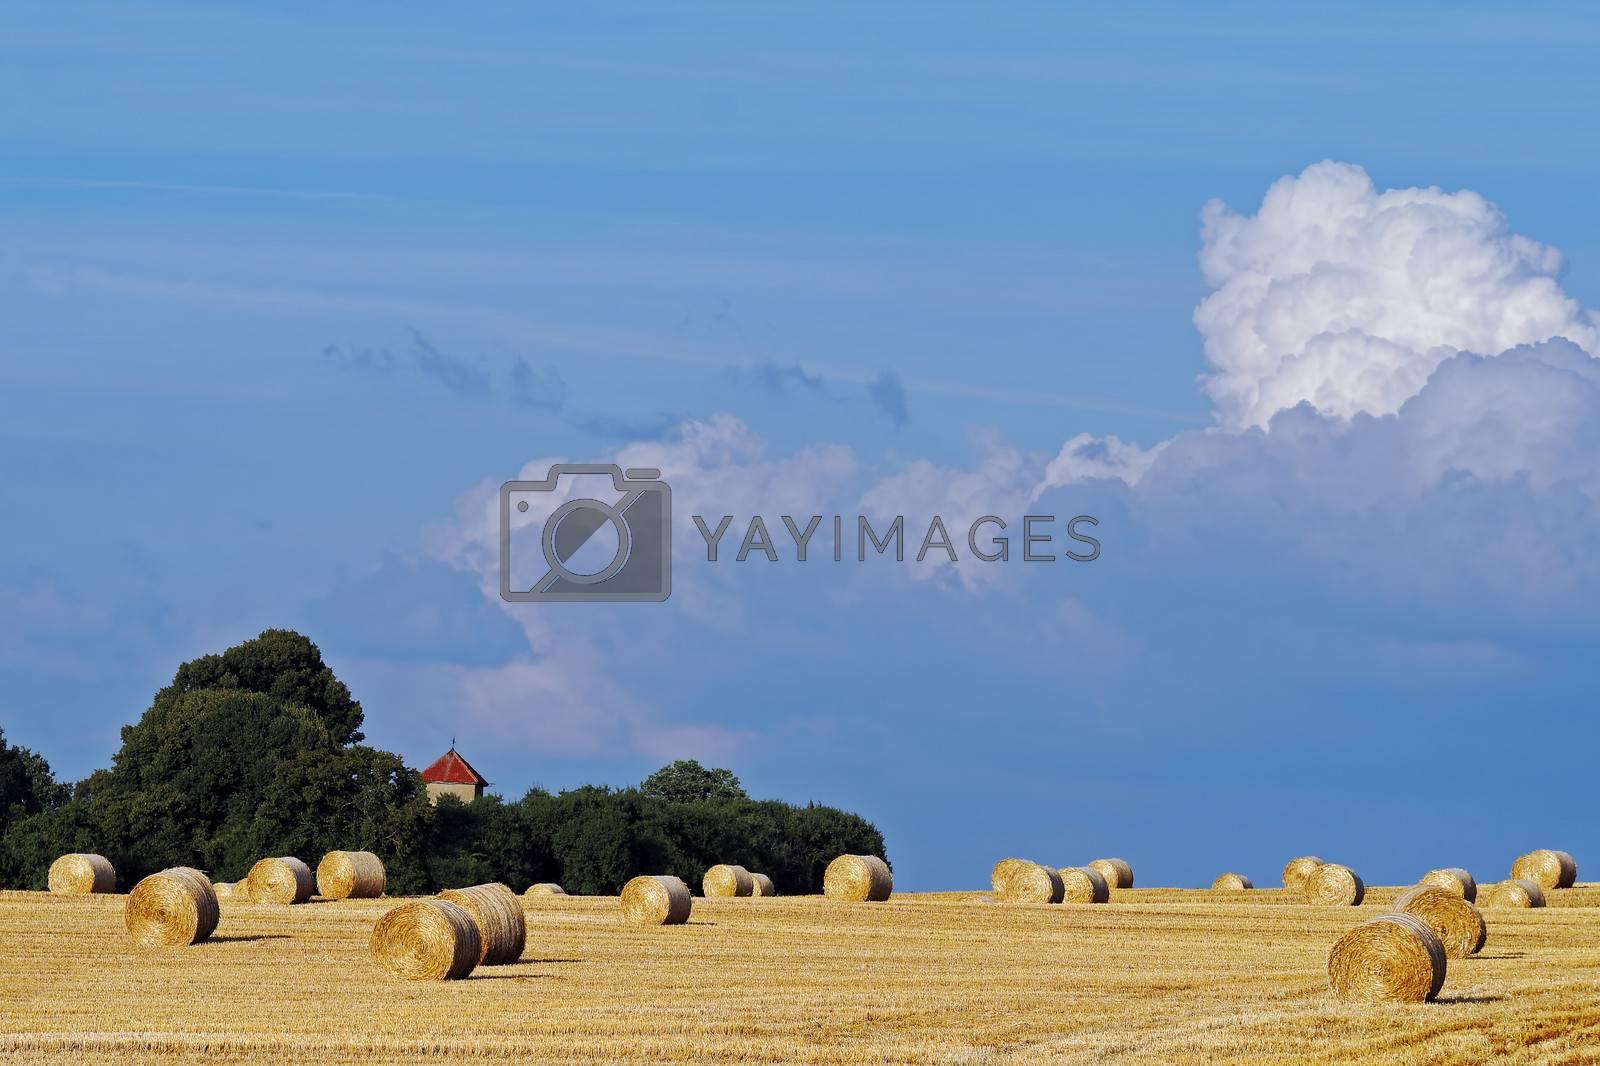 straw bales on stormy sky